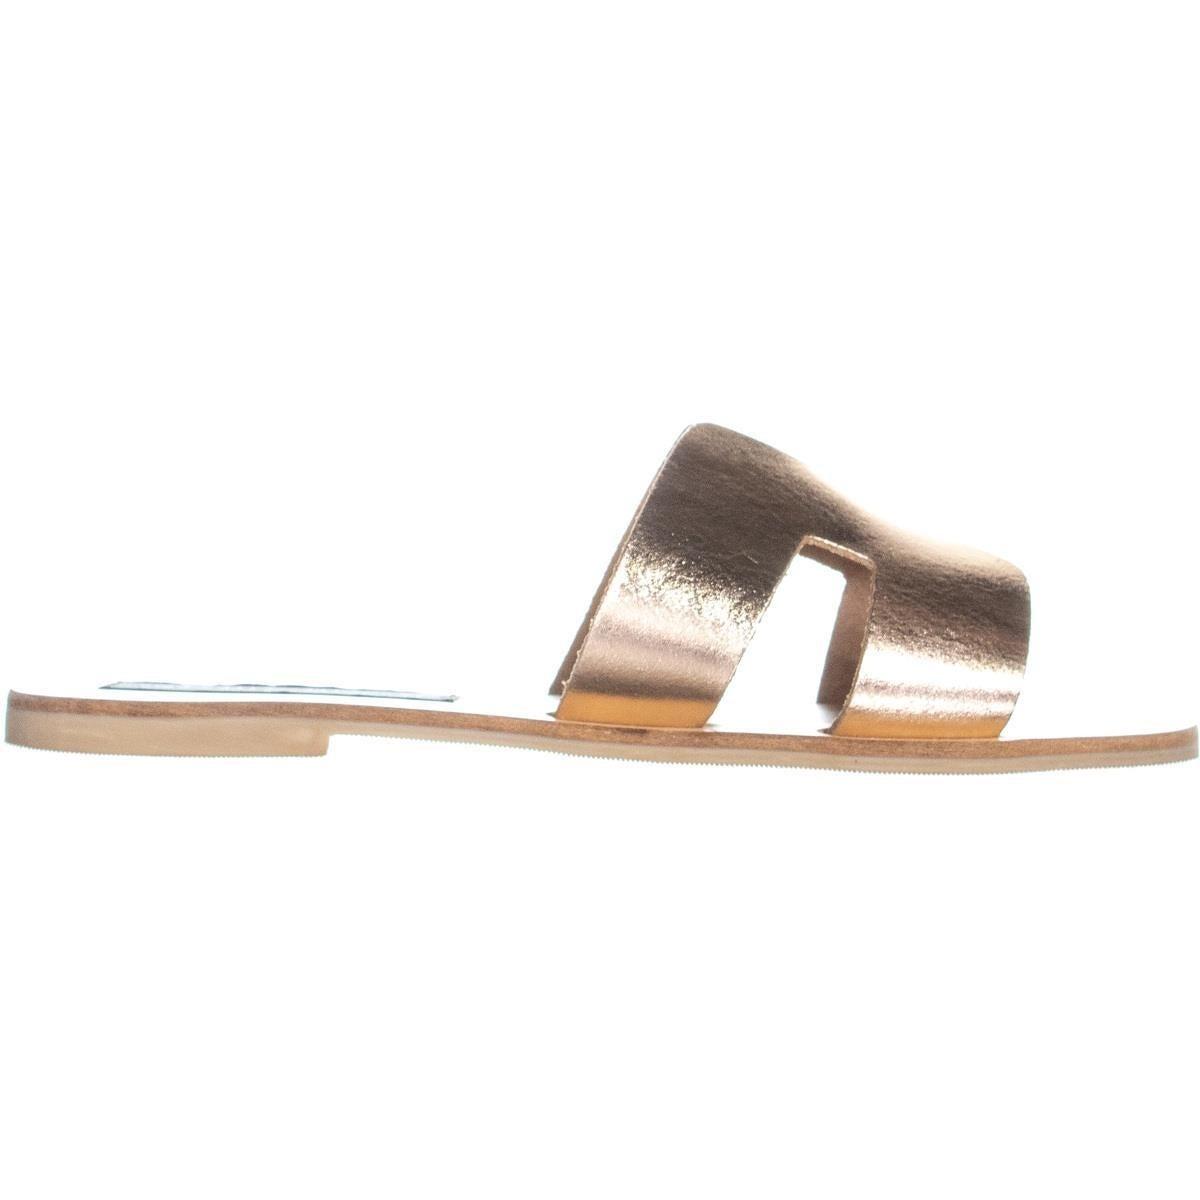 84d532062ea Shop STEVEN Steve Madden Greece Flat Sandals